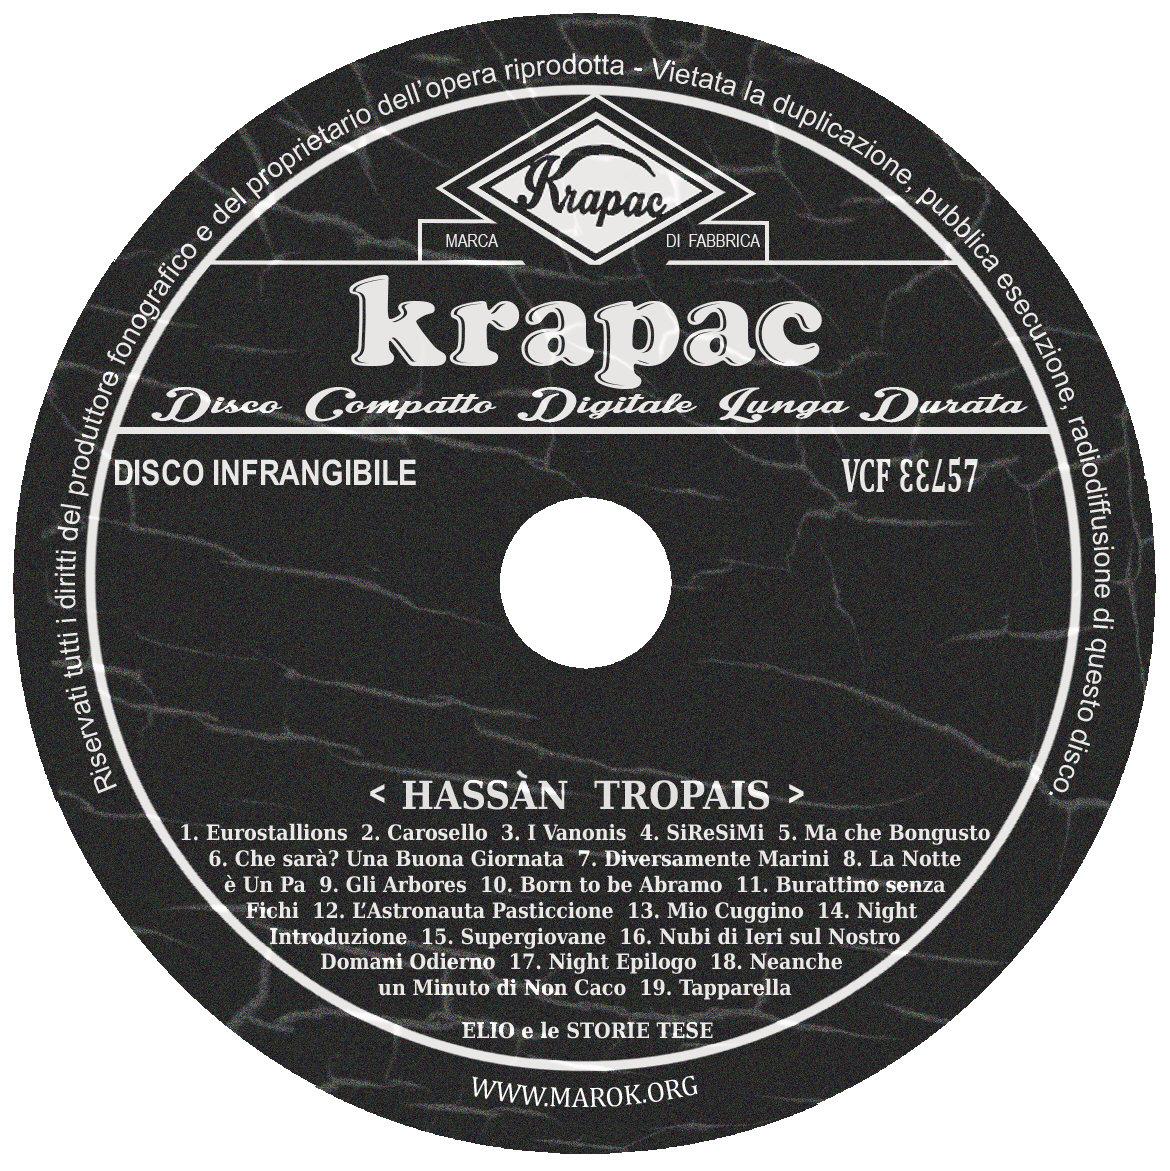 Hassan Tropais